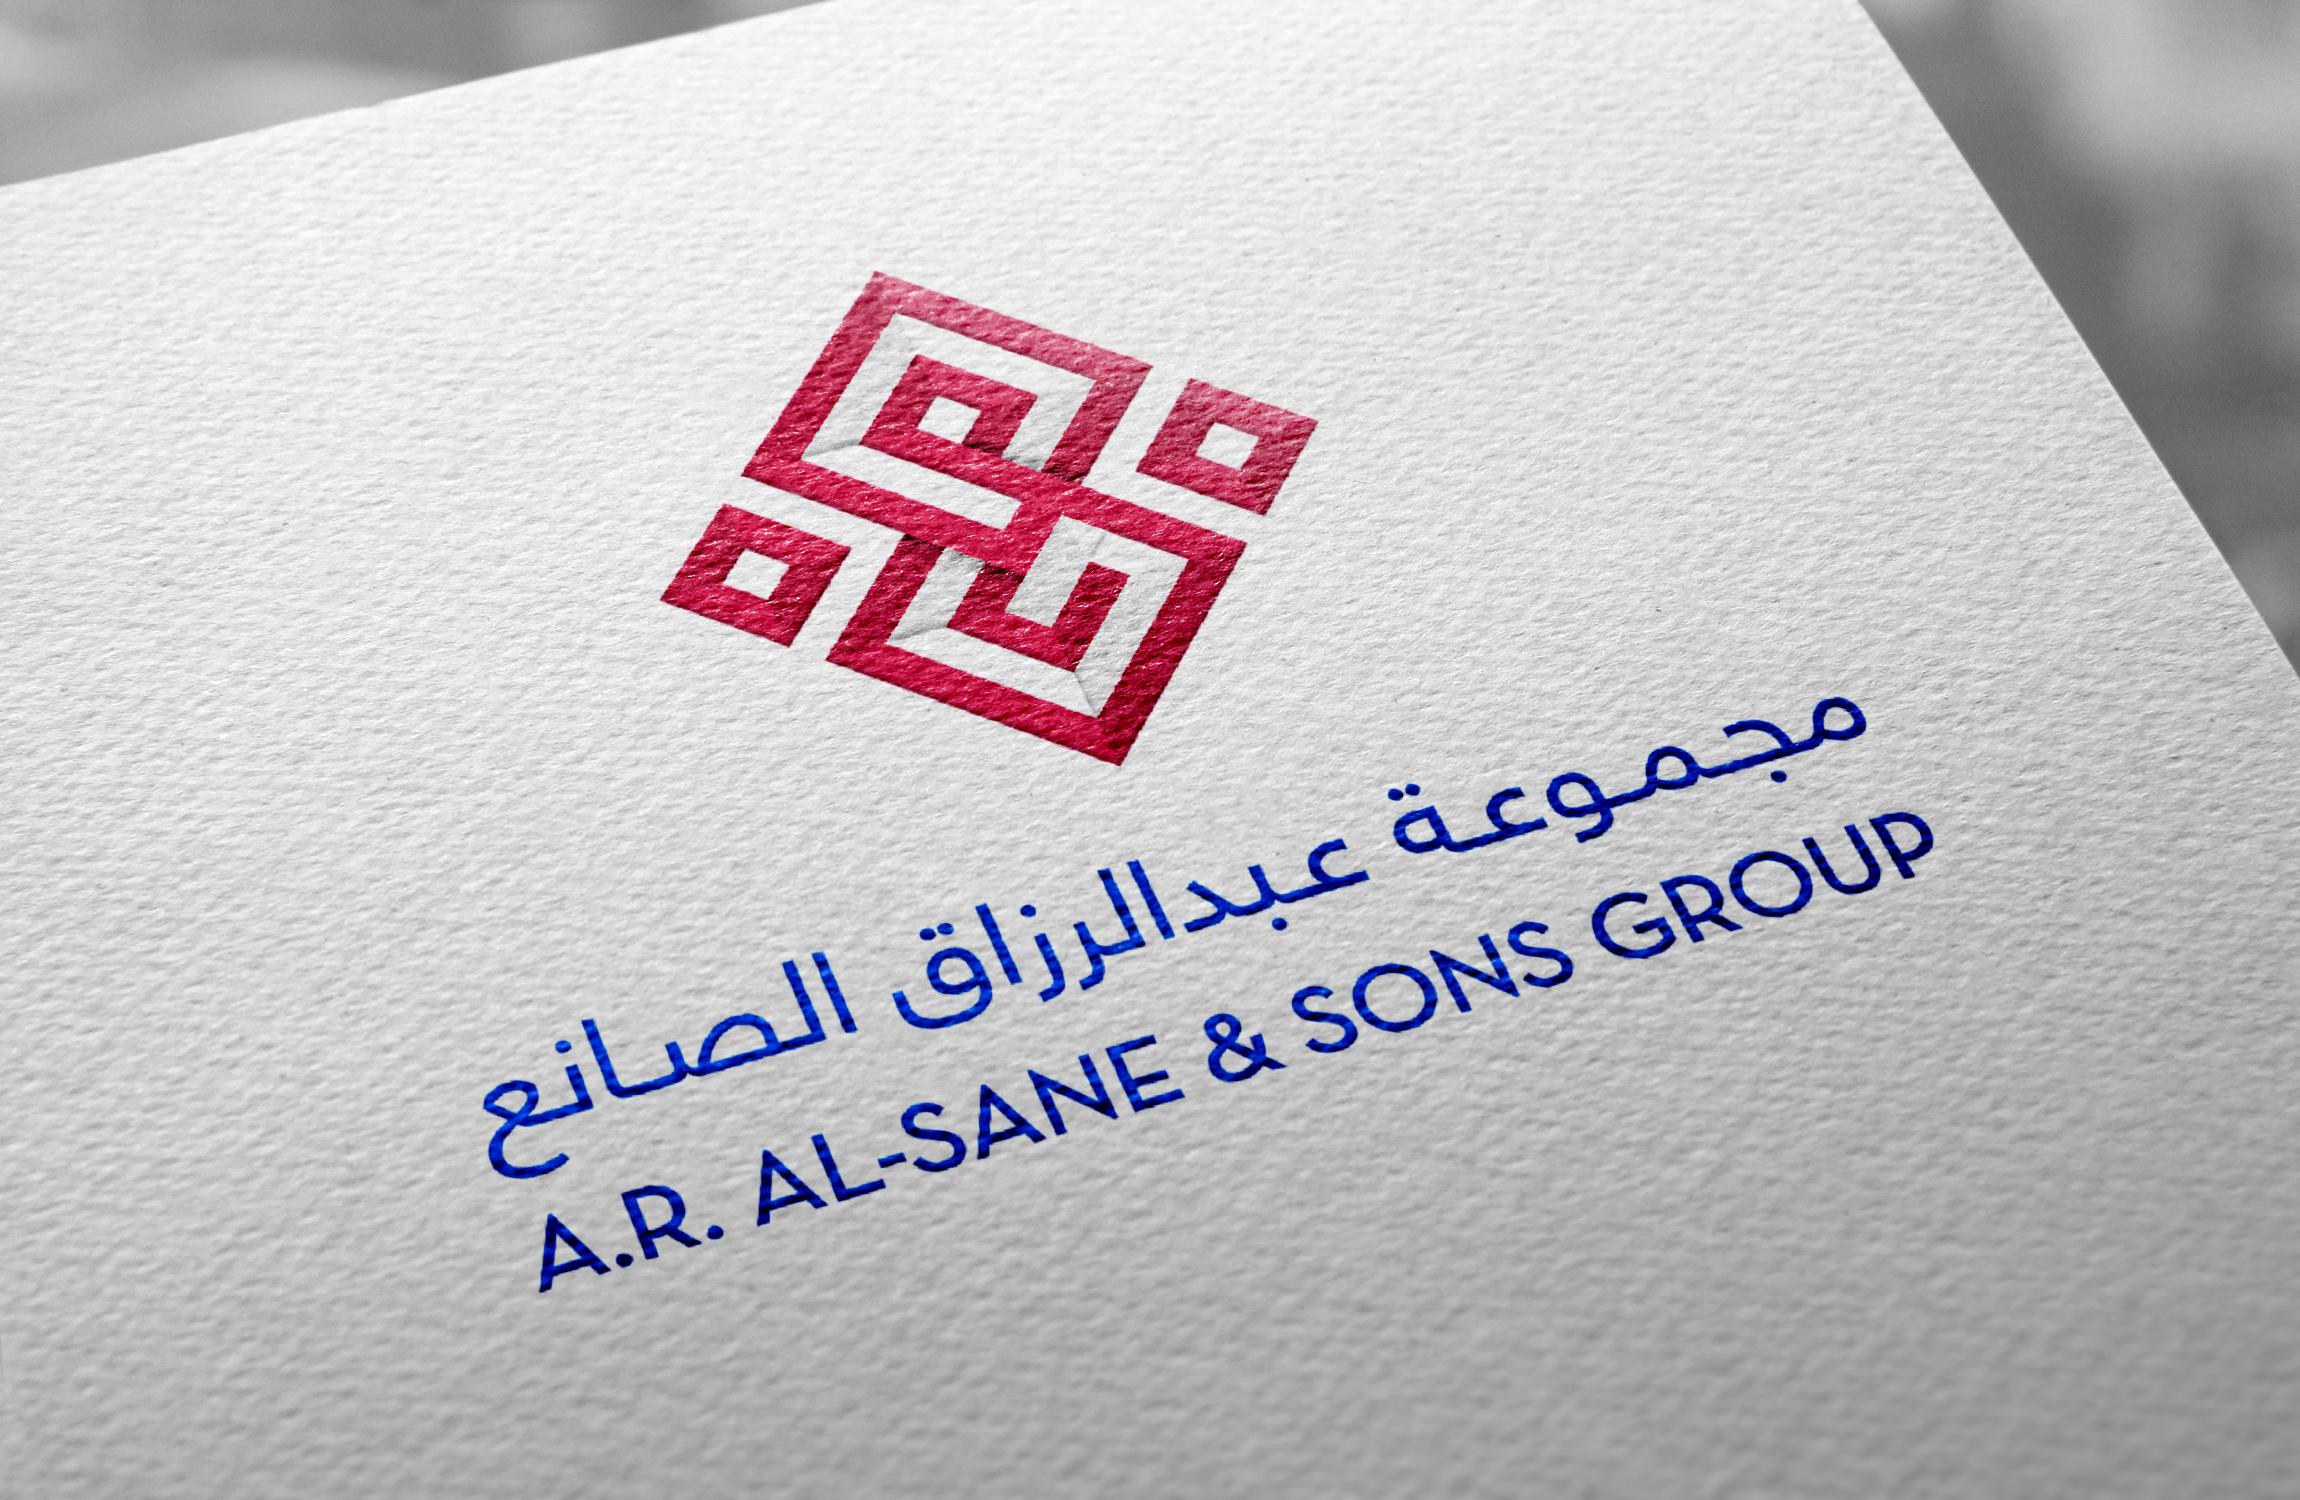 Alsane Group.jpg